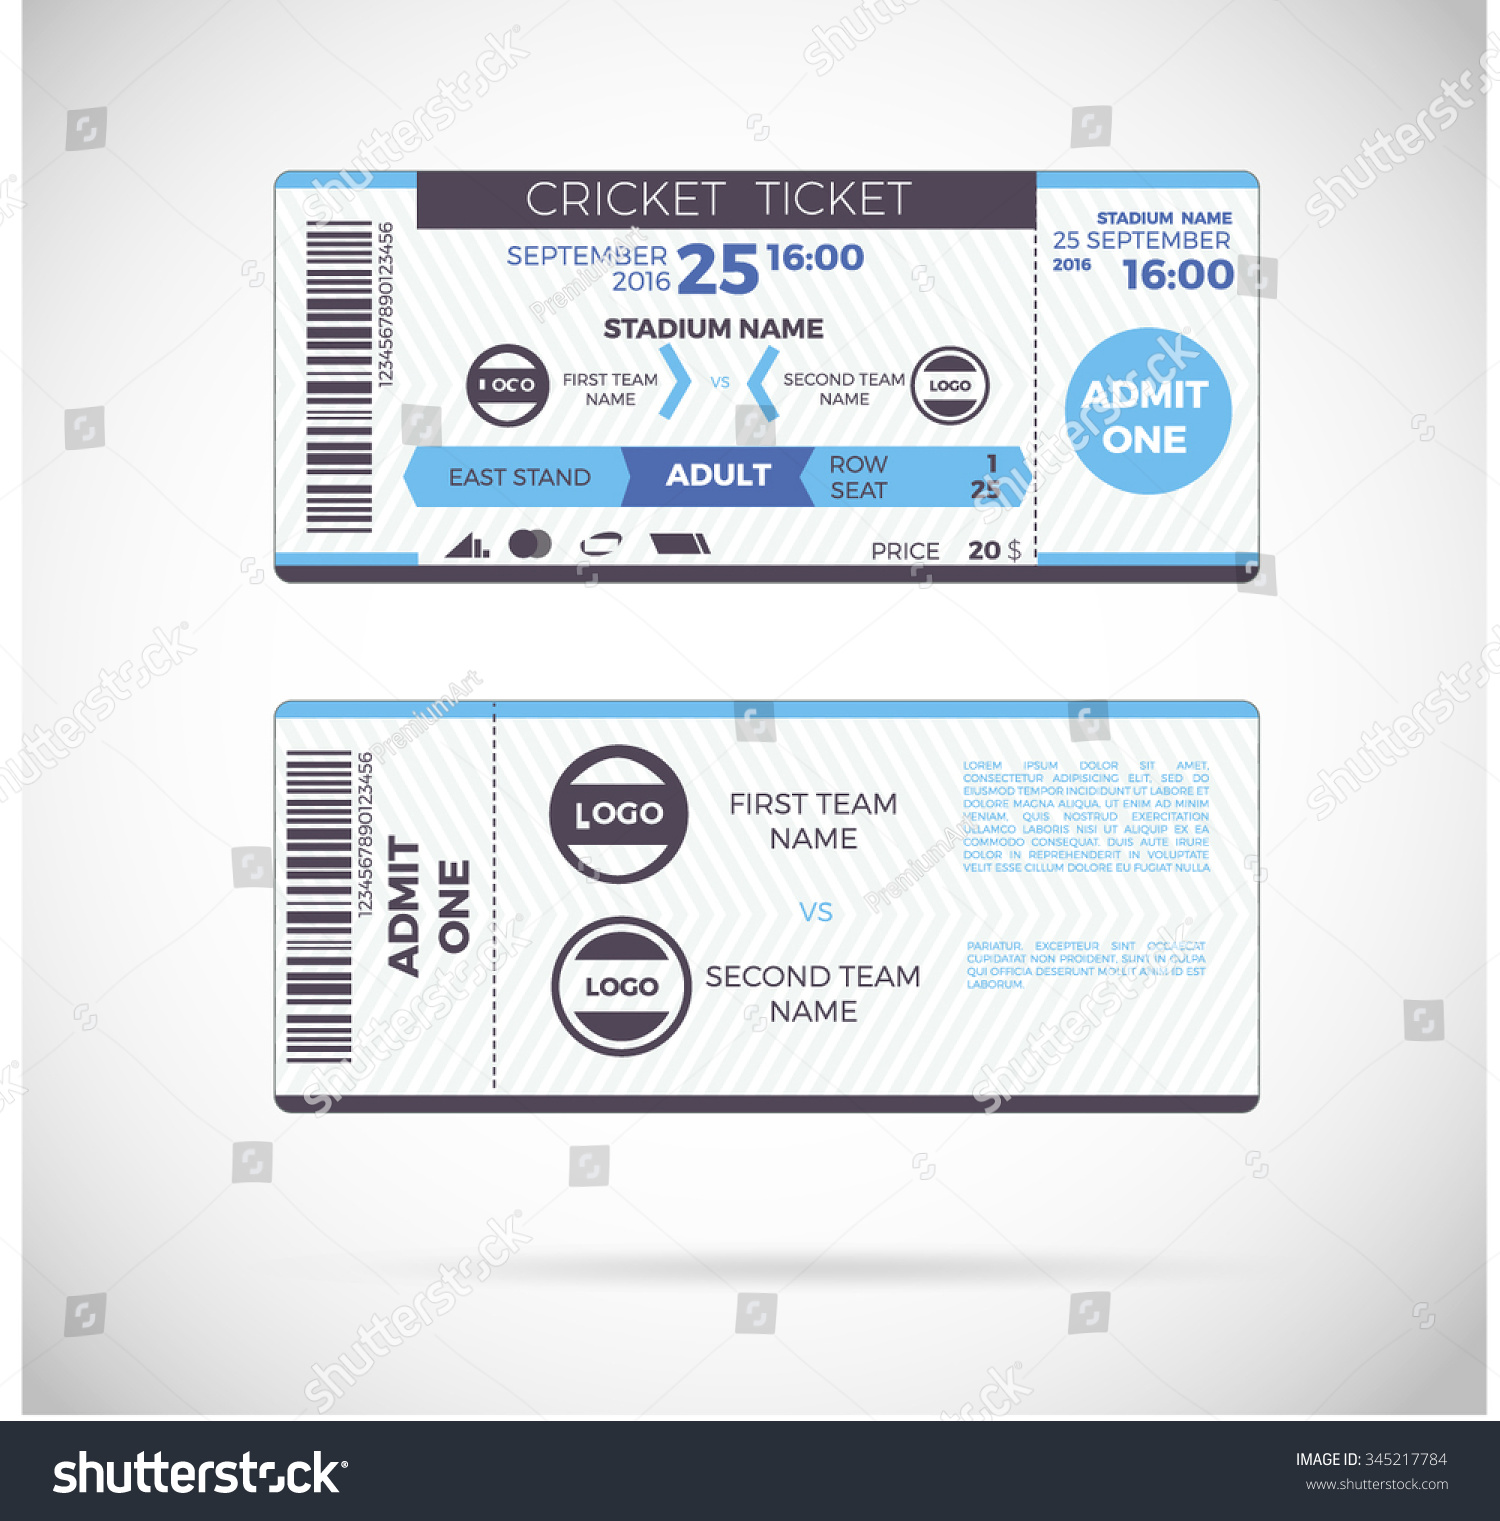 Cricket Ticket Card Modern Design Template Vector de stock345217784 ...